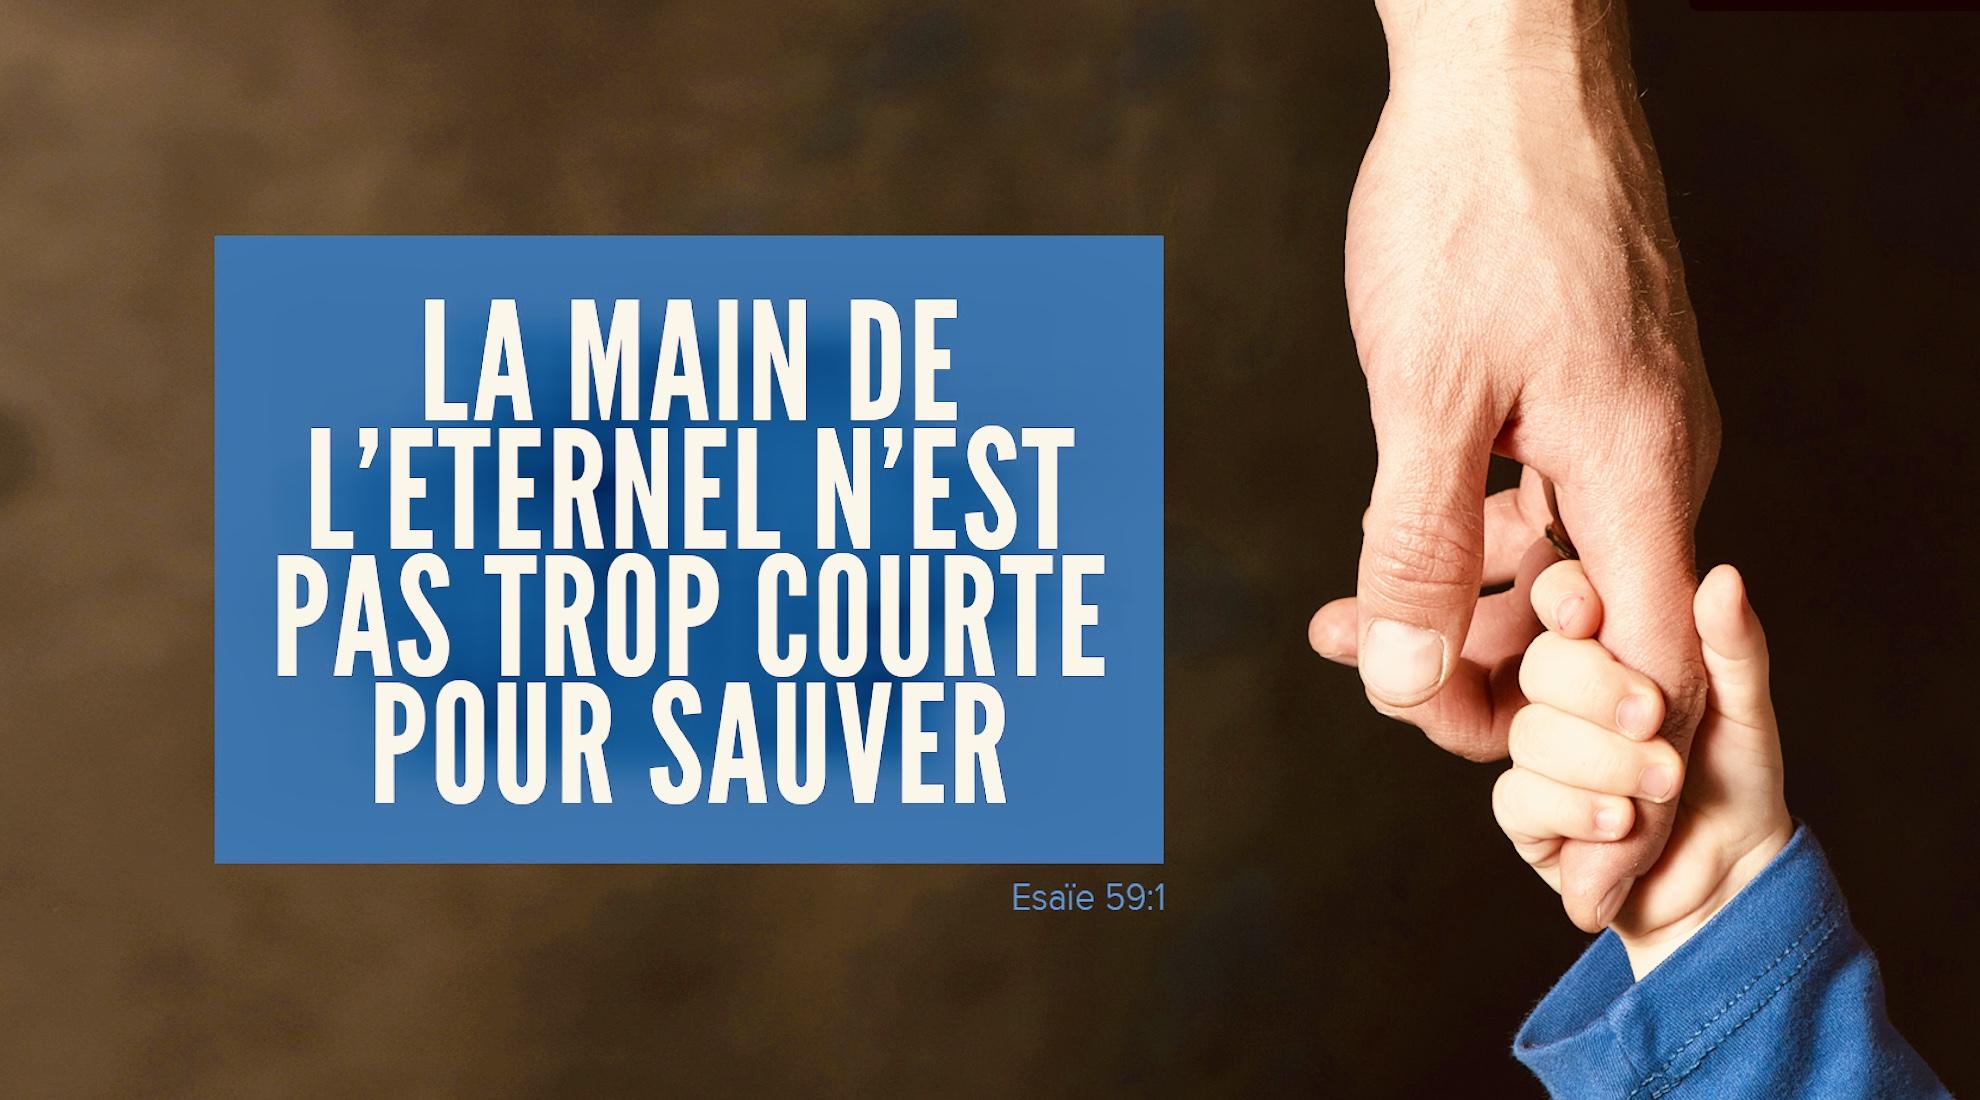 Non, la main de l'Eternel n'est pas trop courte pour sauver » (Esaïe 59 :1)  - Méditations quotidiennes